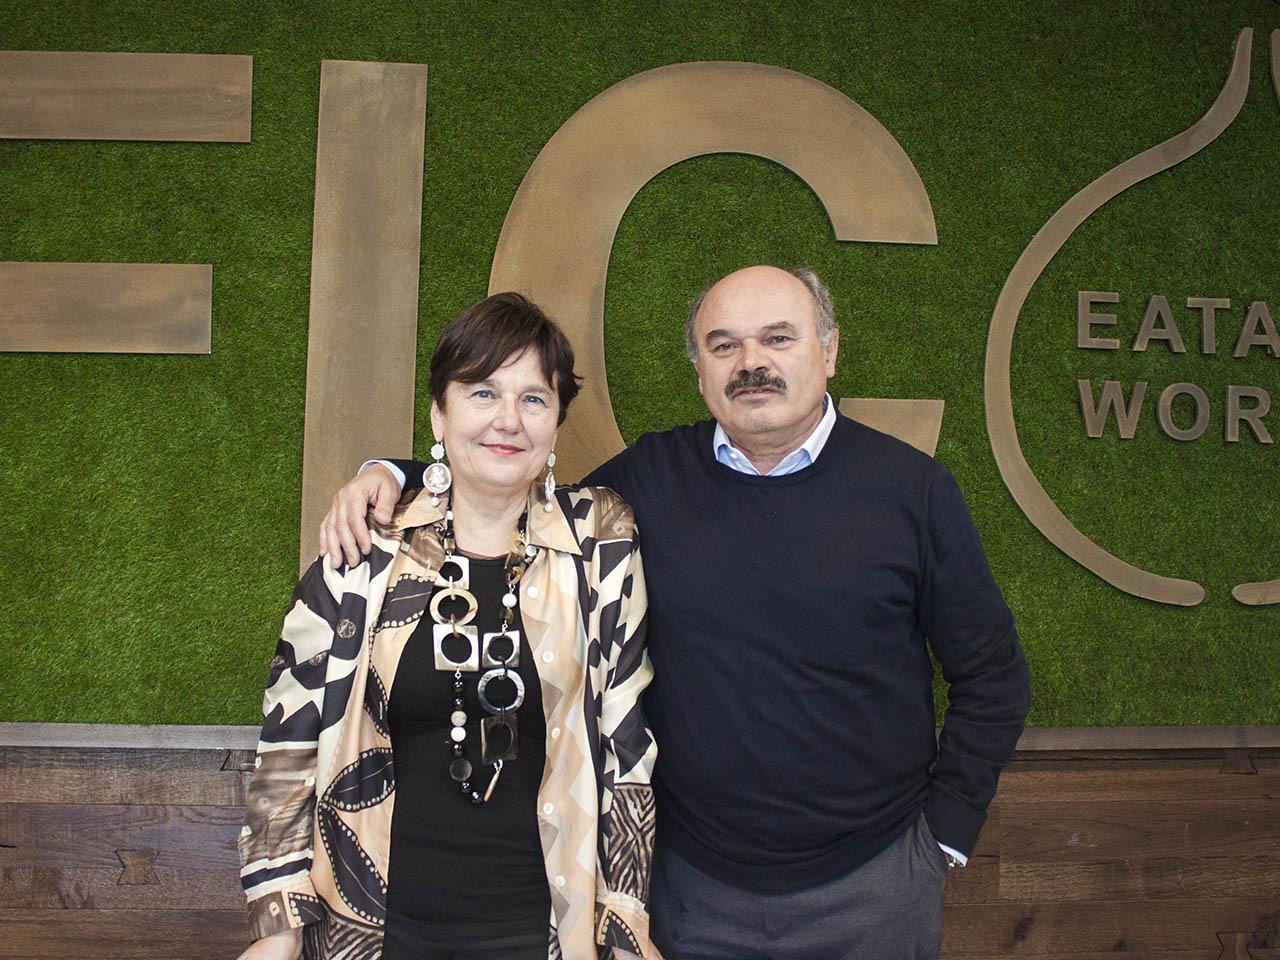 Tiziana Primori e Oscar Farinetti